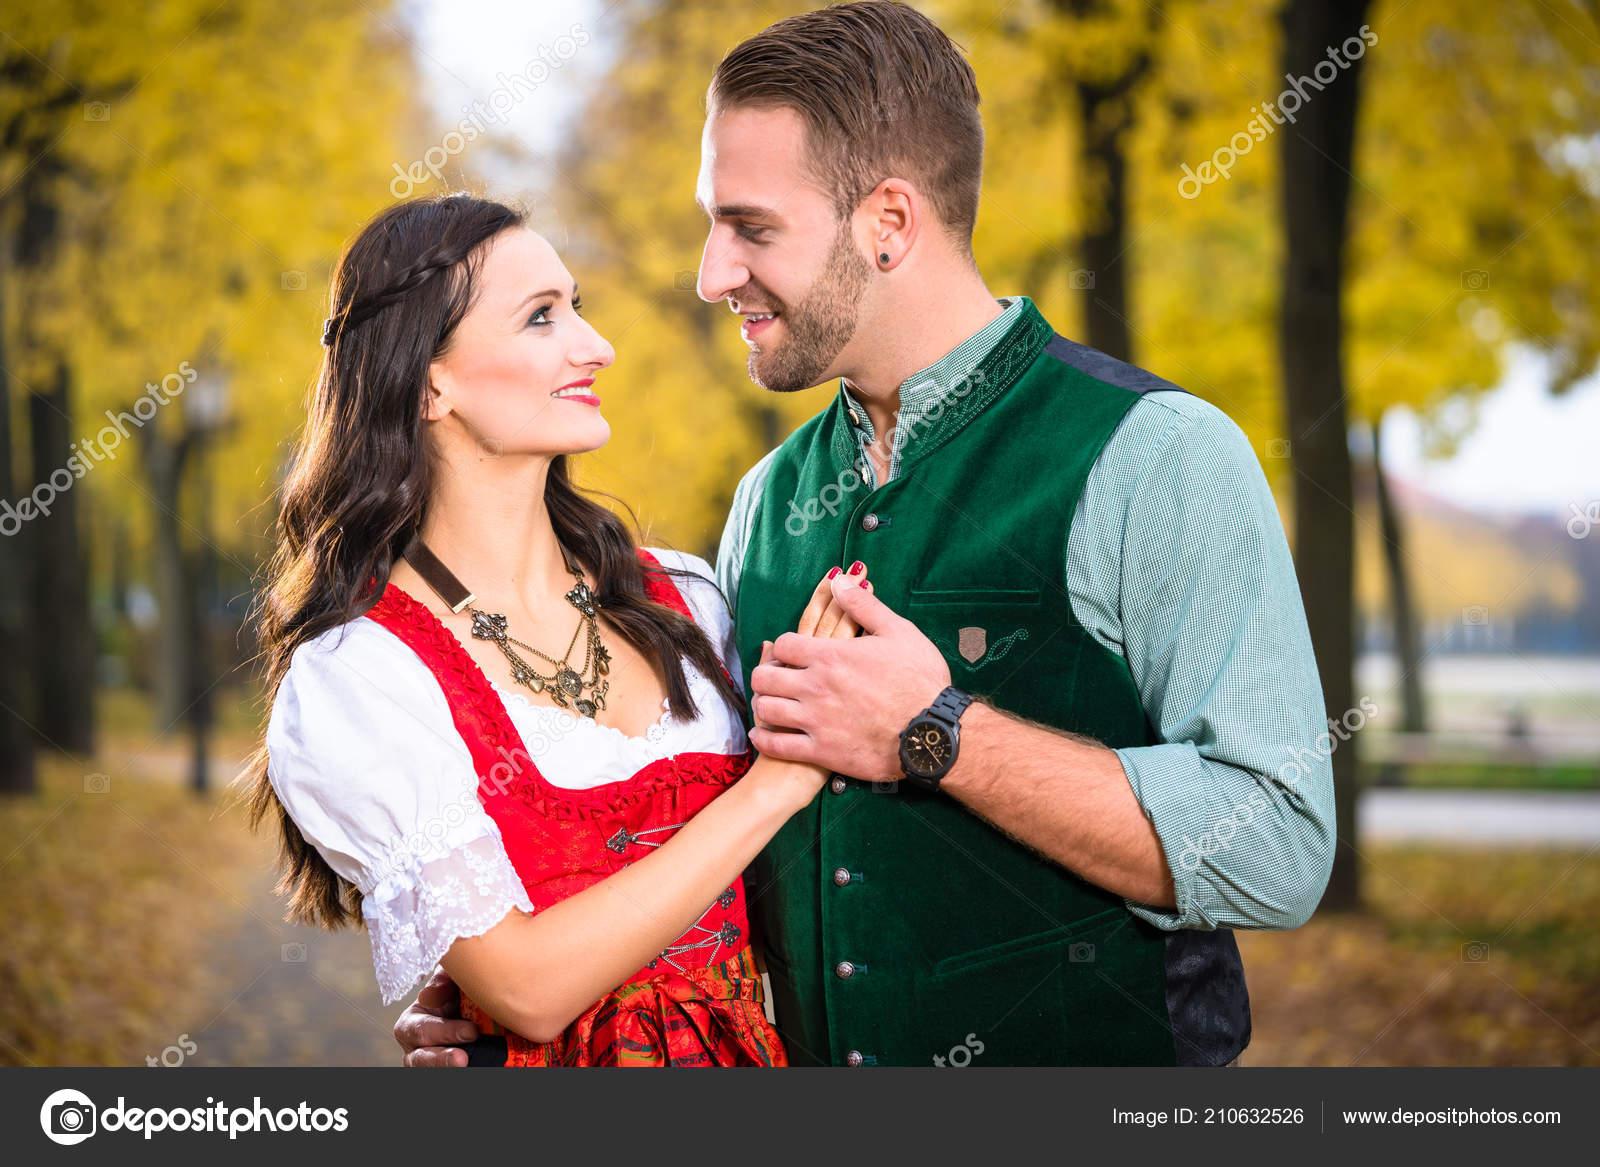 Dating Βαυαρίας γυναίκα Γάλλοι κανόνες γνωριμιών